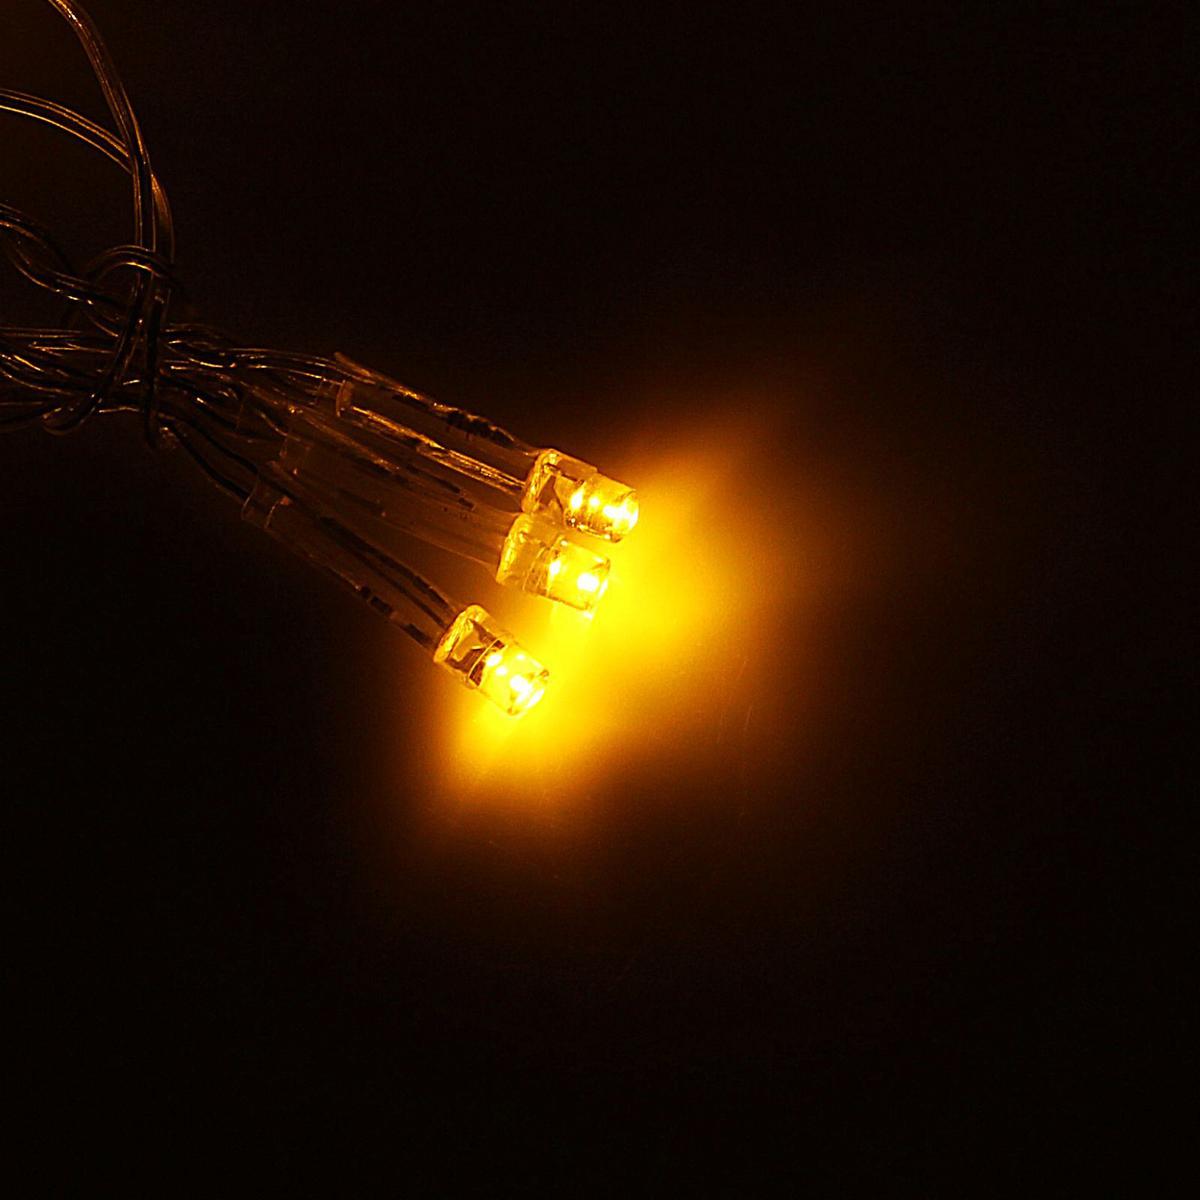 Гирлянда светодиодная Luazon Занавес, цвет: желтый, 360 ламп, 8 режимов, 220 V, 2 х 1,5 м. 10804661080466Светодиодные гирлянды и ленты — это отличный вариант для новогоднего оформления интерьера или фасада. С их помощью помещение любого размера можно превратить в праздничный зал, а внешние элементы зданий, украшенные ими, мгновенно станут напоминать очертания сказочного дворца. Такие украшения создают ауру предвкушения чуда. Деревья, фасады, витрины, окна и арки будто специально созданы, чтобы вы украсили их светящимися нитями.